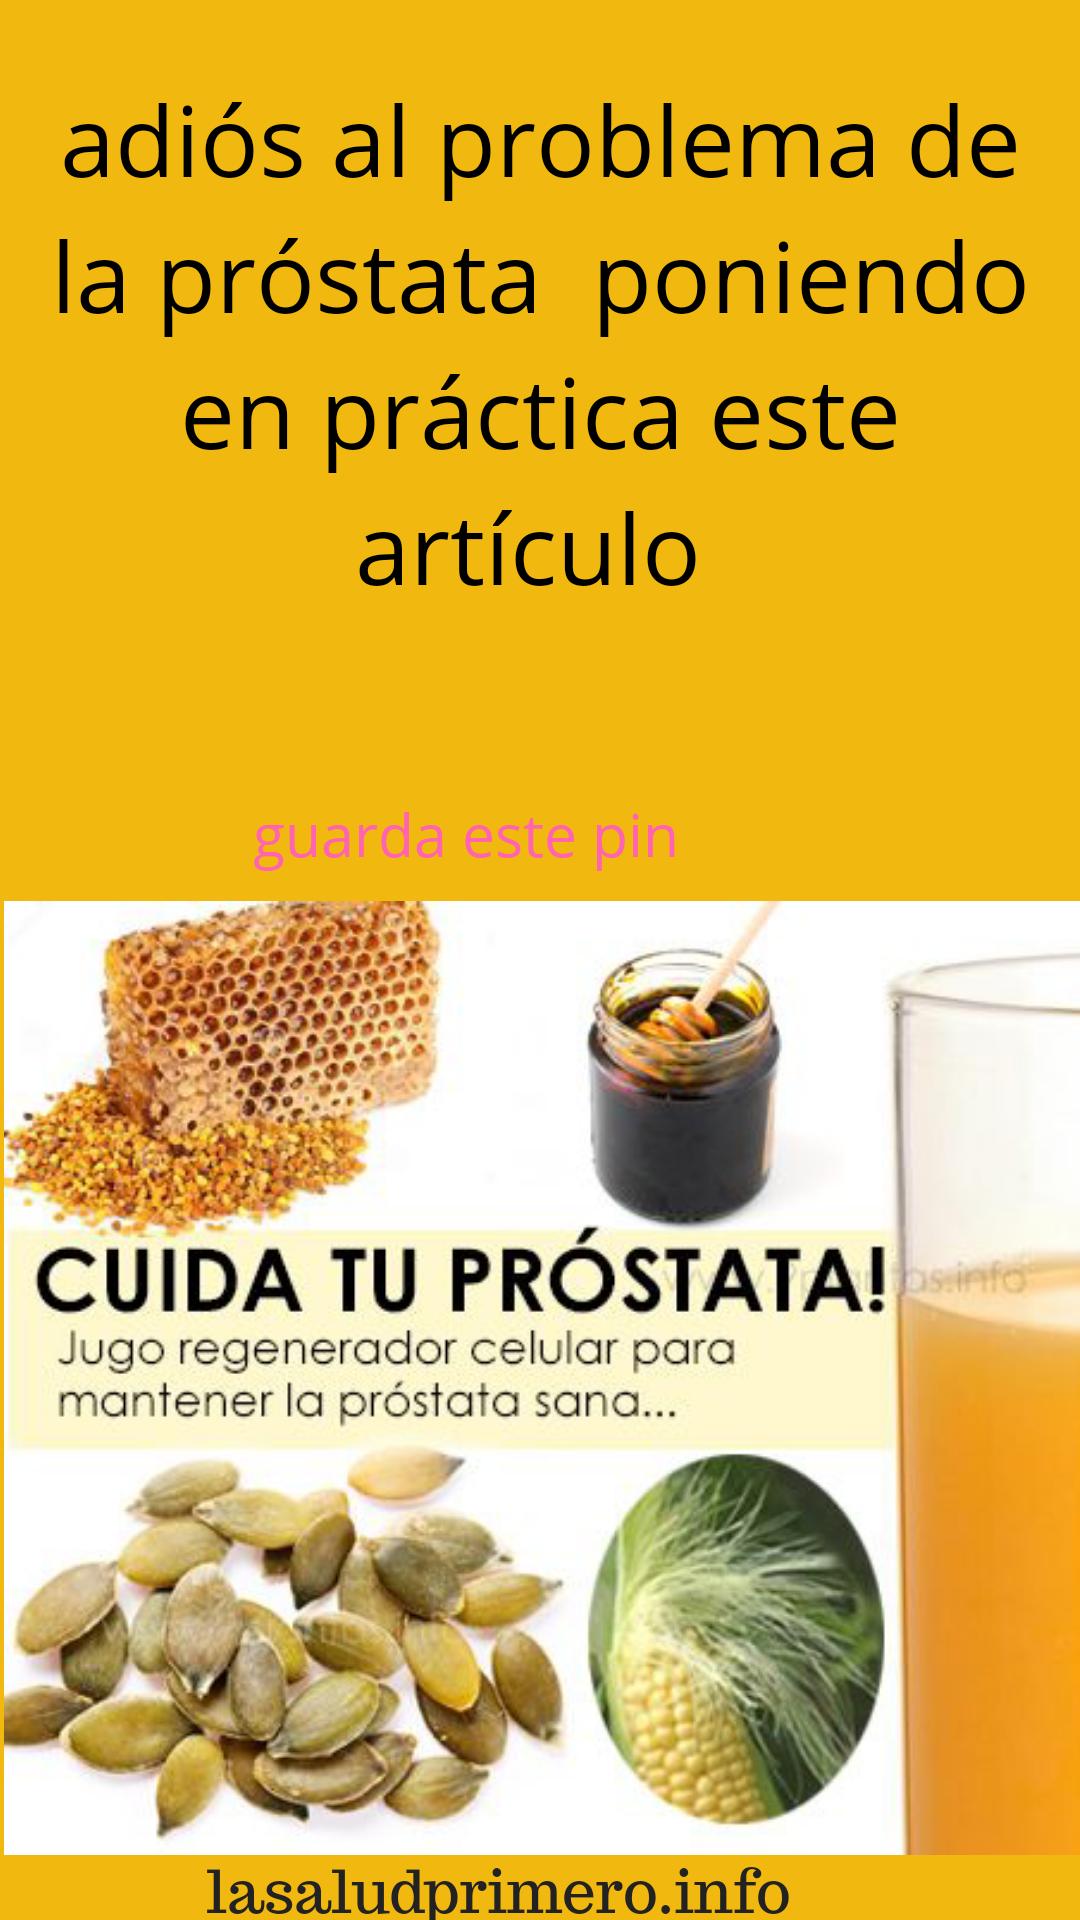 la mejor comida y bebida para promover la salud de la próstata